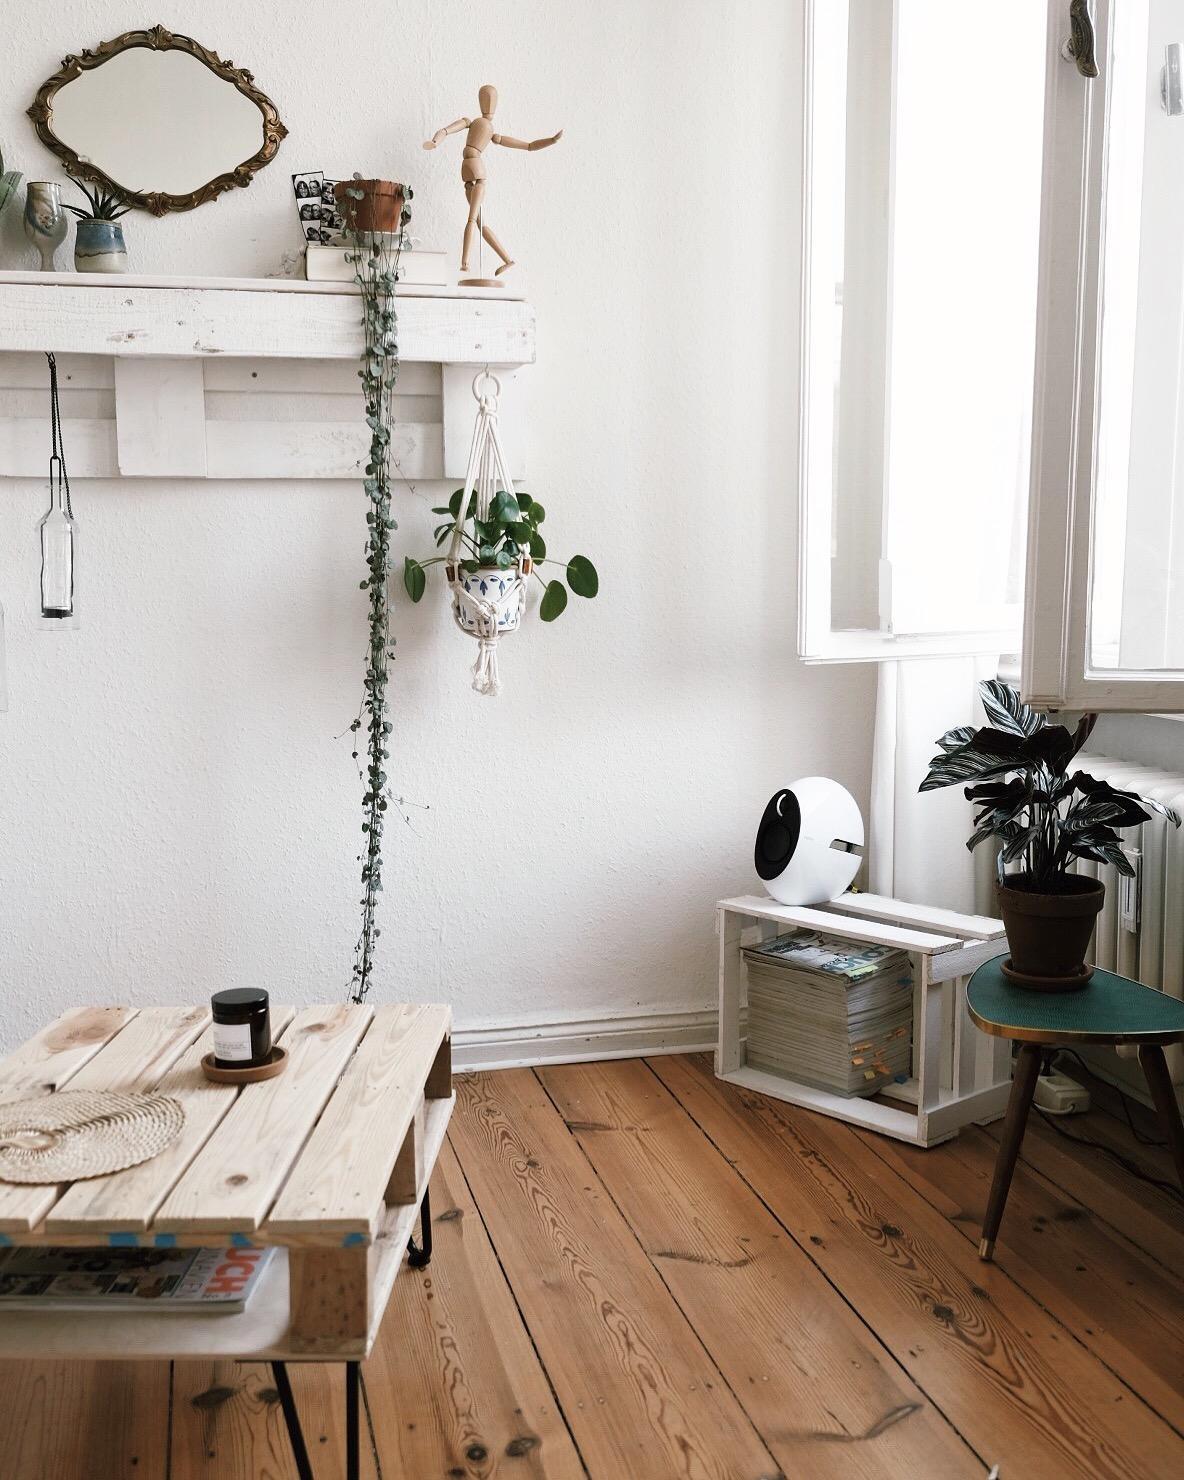 wohnzimmereinblick #wohnzimmer #diy #couchtisch #alt